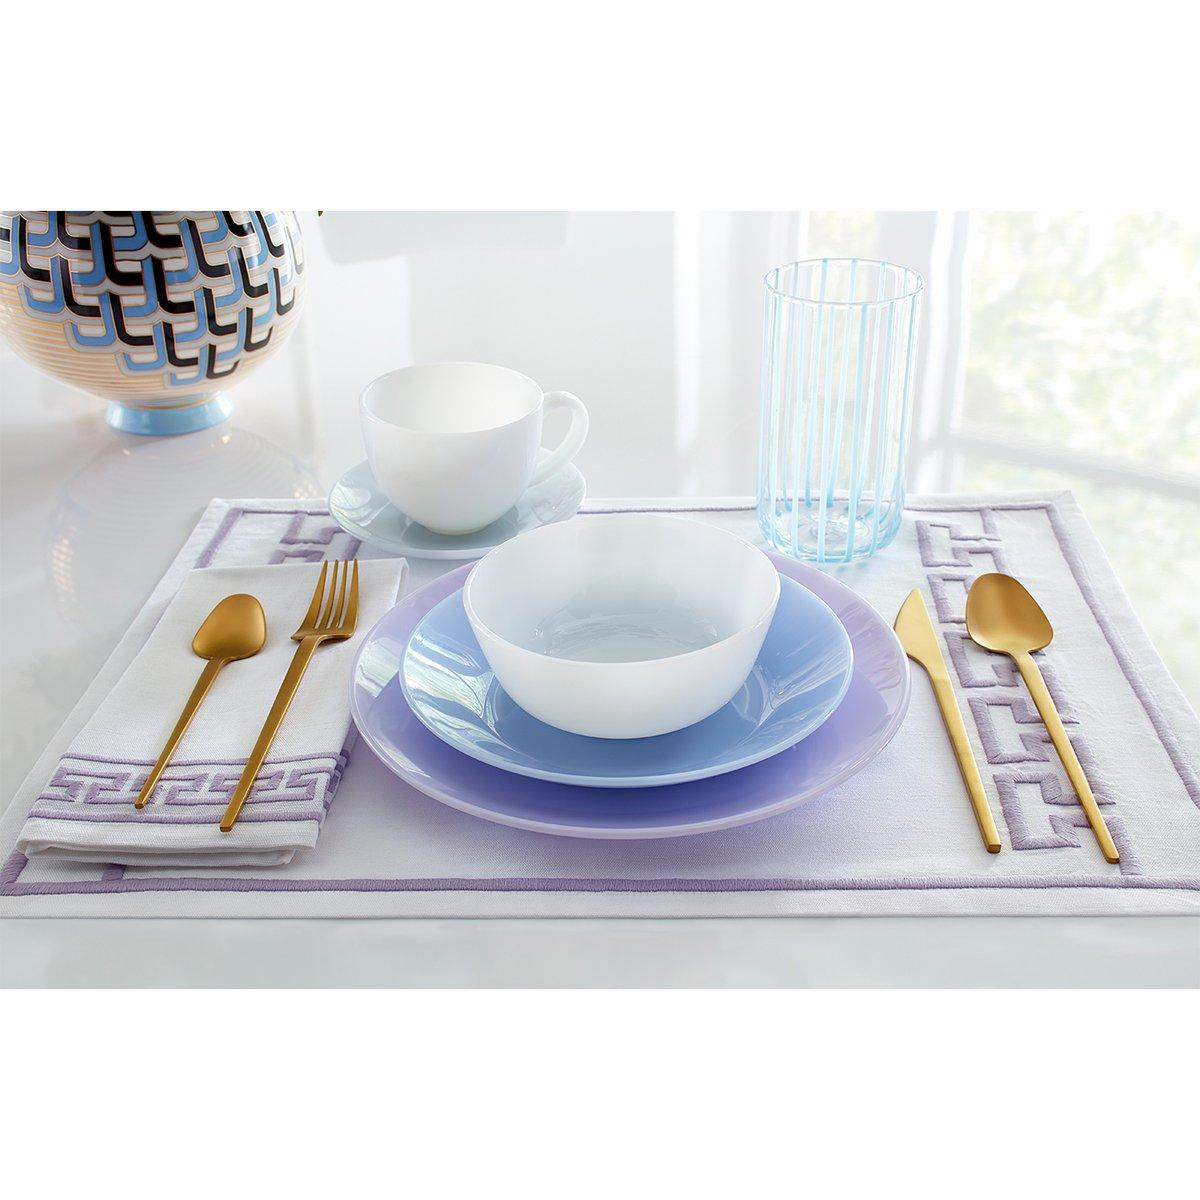 Dinner ware for breakfast